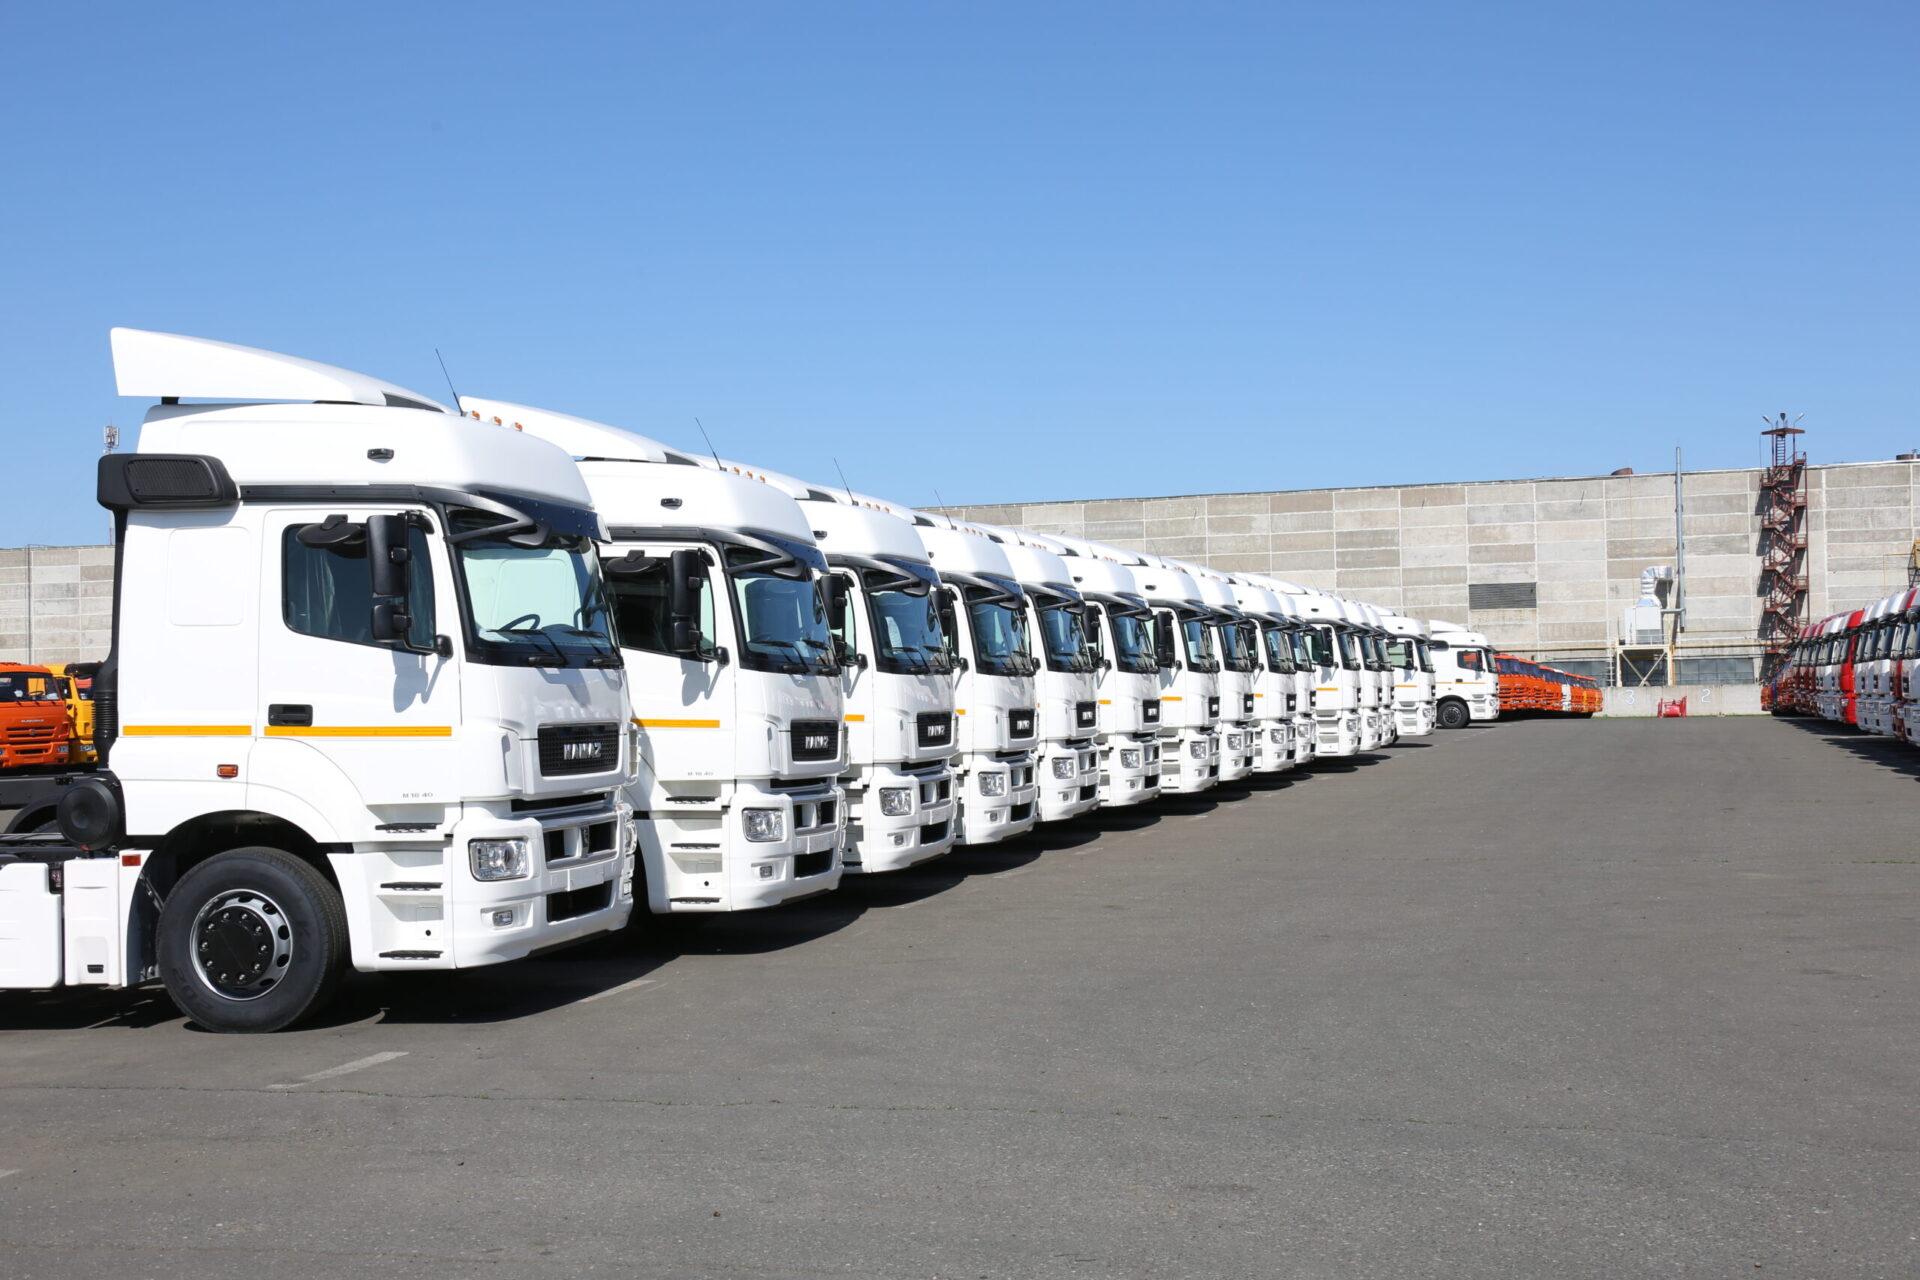 Самые популярные в России модели грузовиков за 5 месяцев 2021 года назвал Автостат